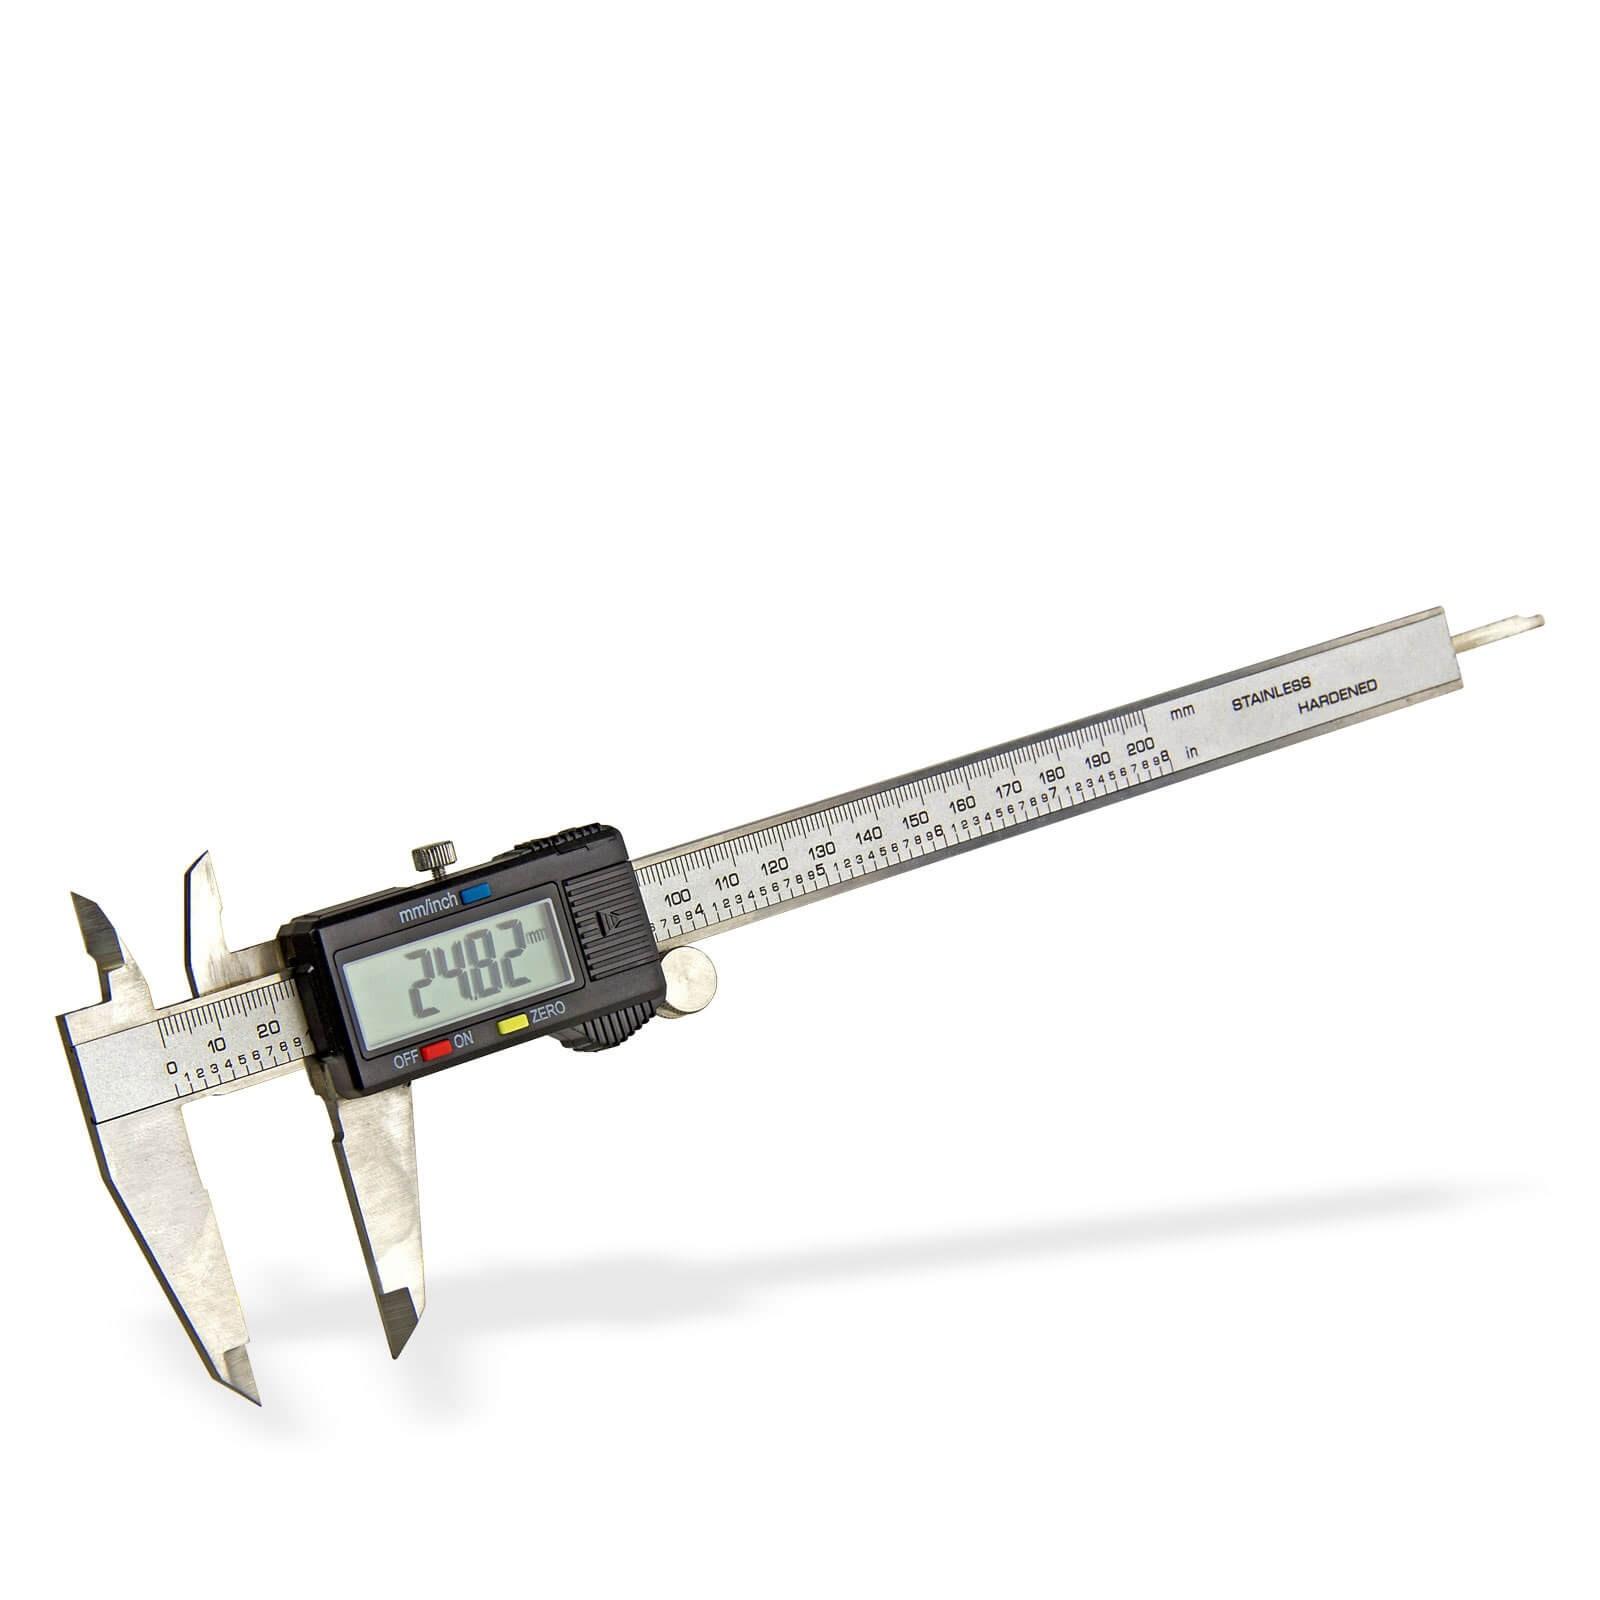 Dema Digitaler Messschieber Schieblehre 200mm Mikrometer 20718